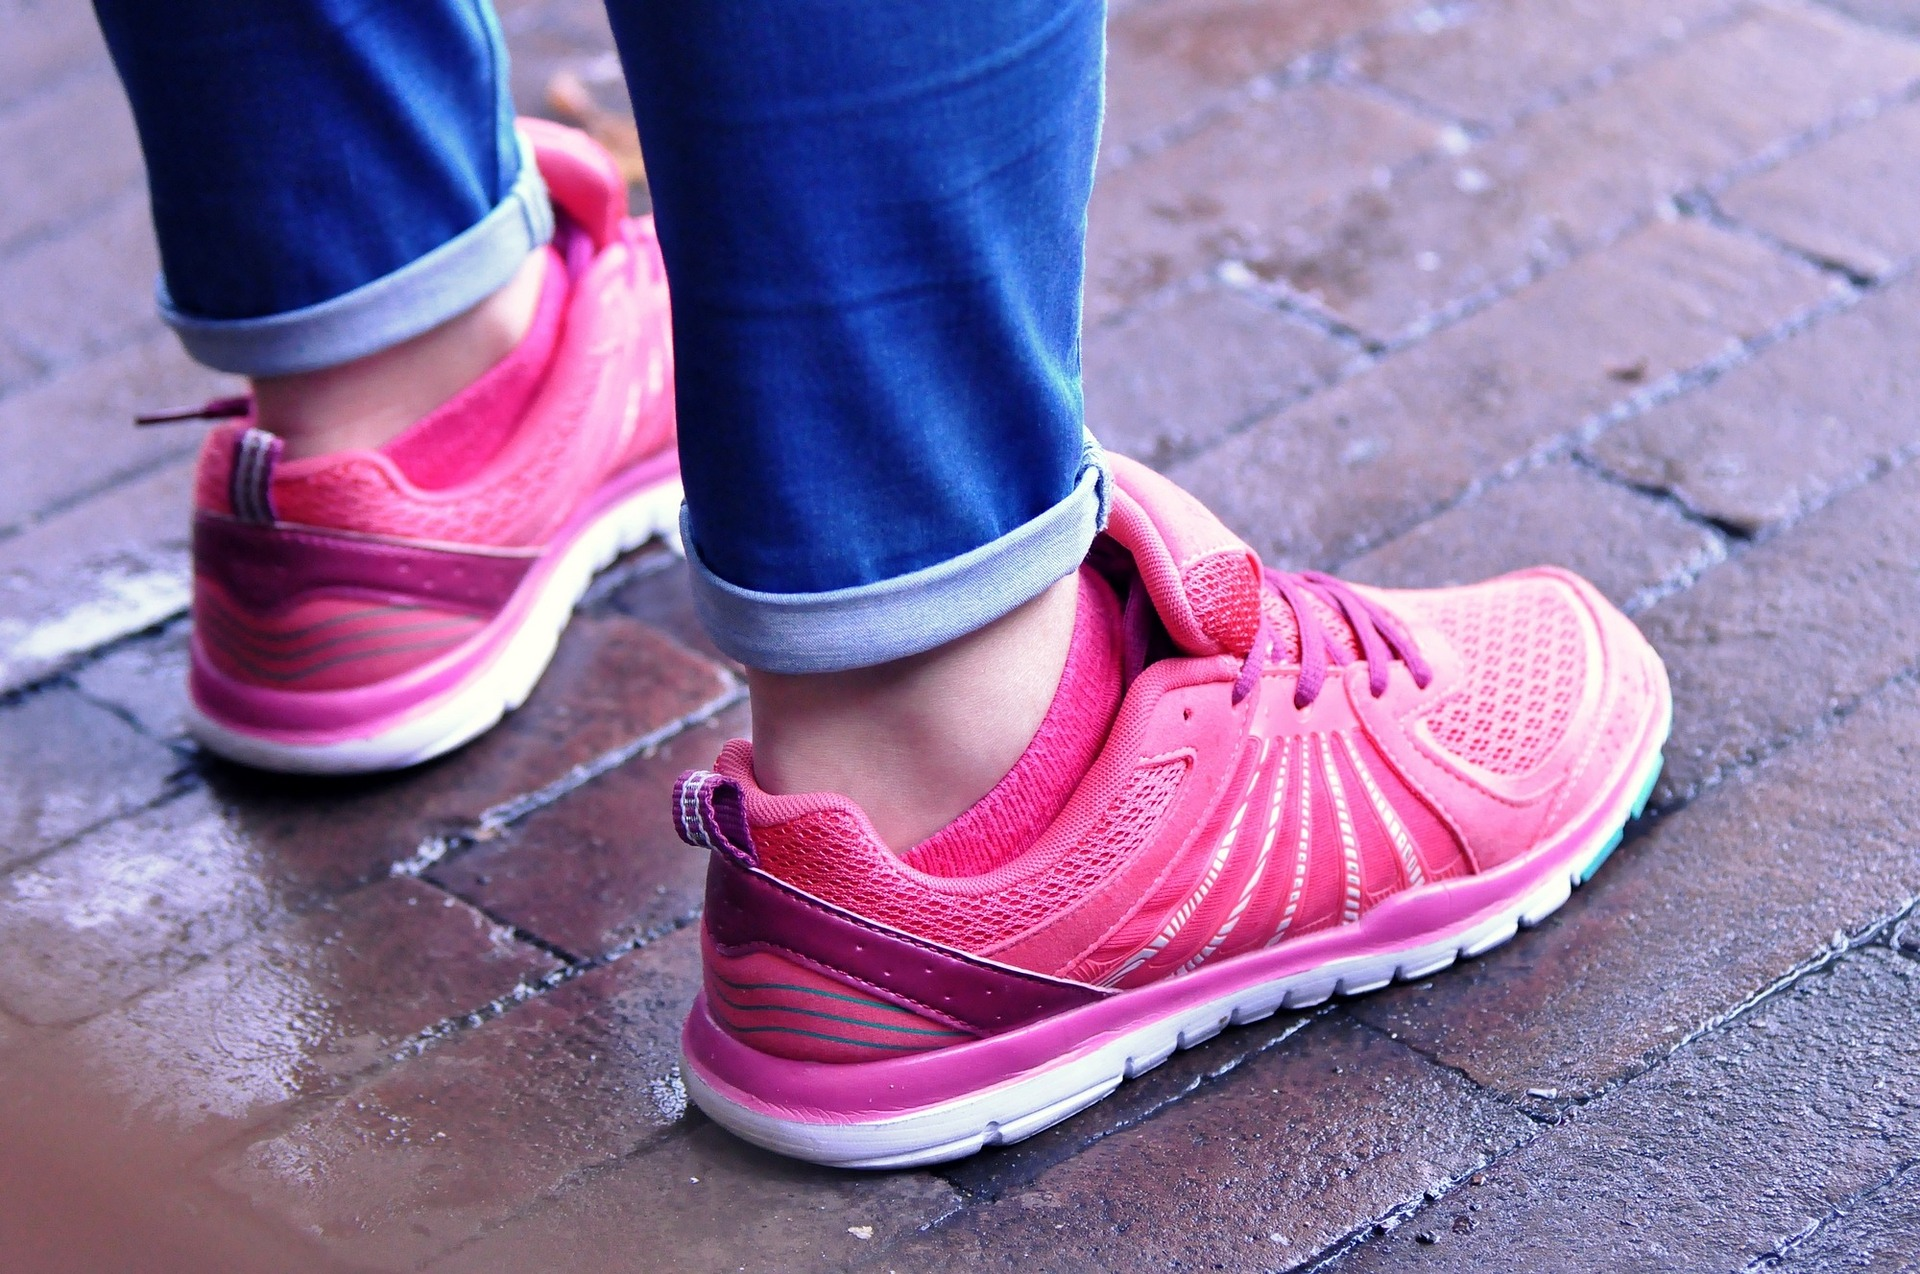 Jak vybrat správné boty na sport?